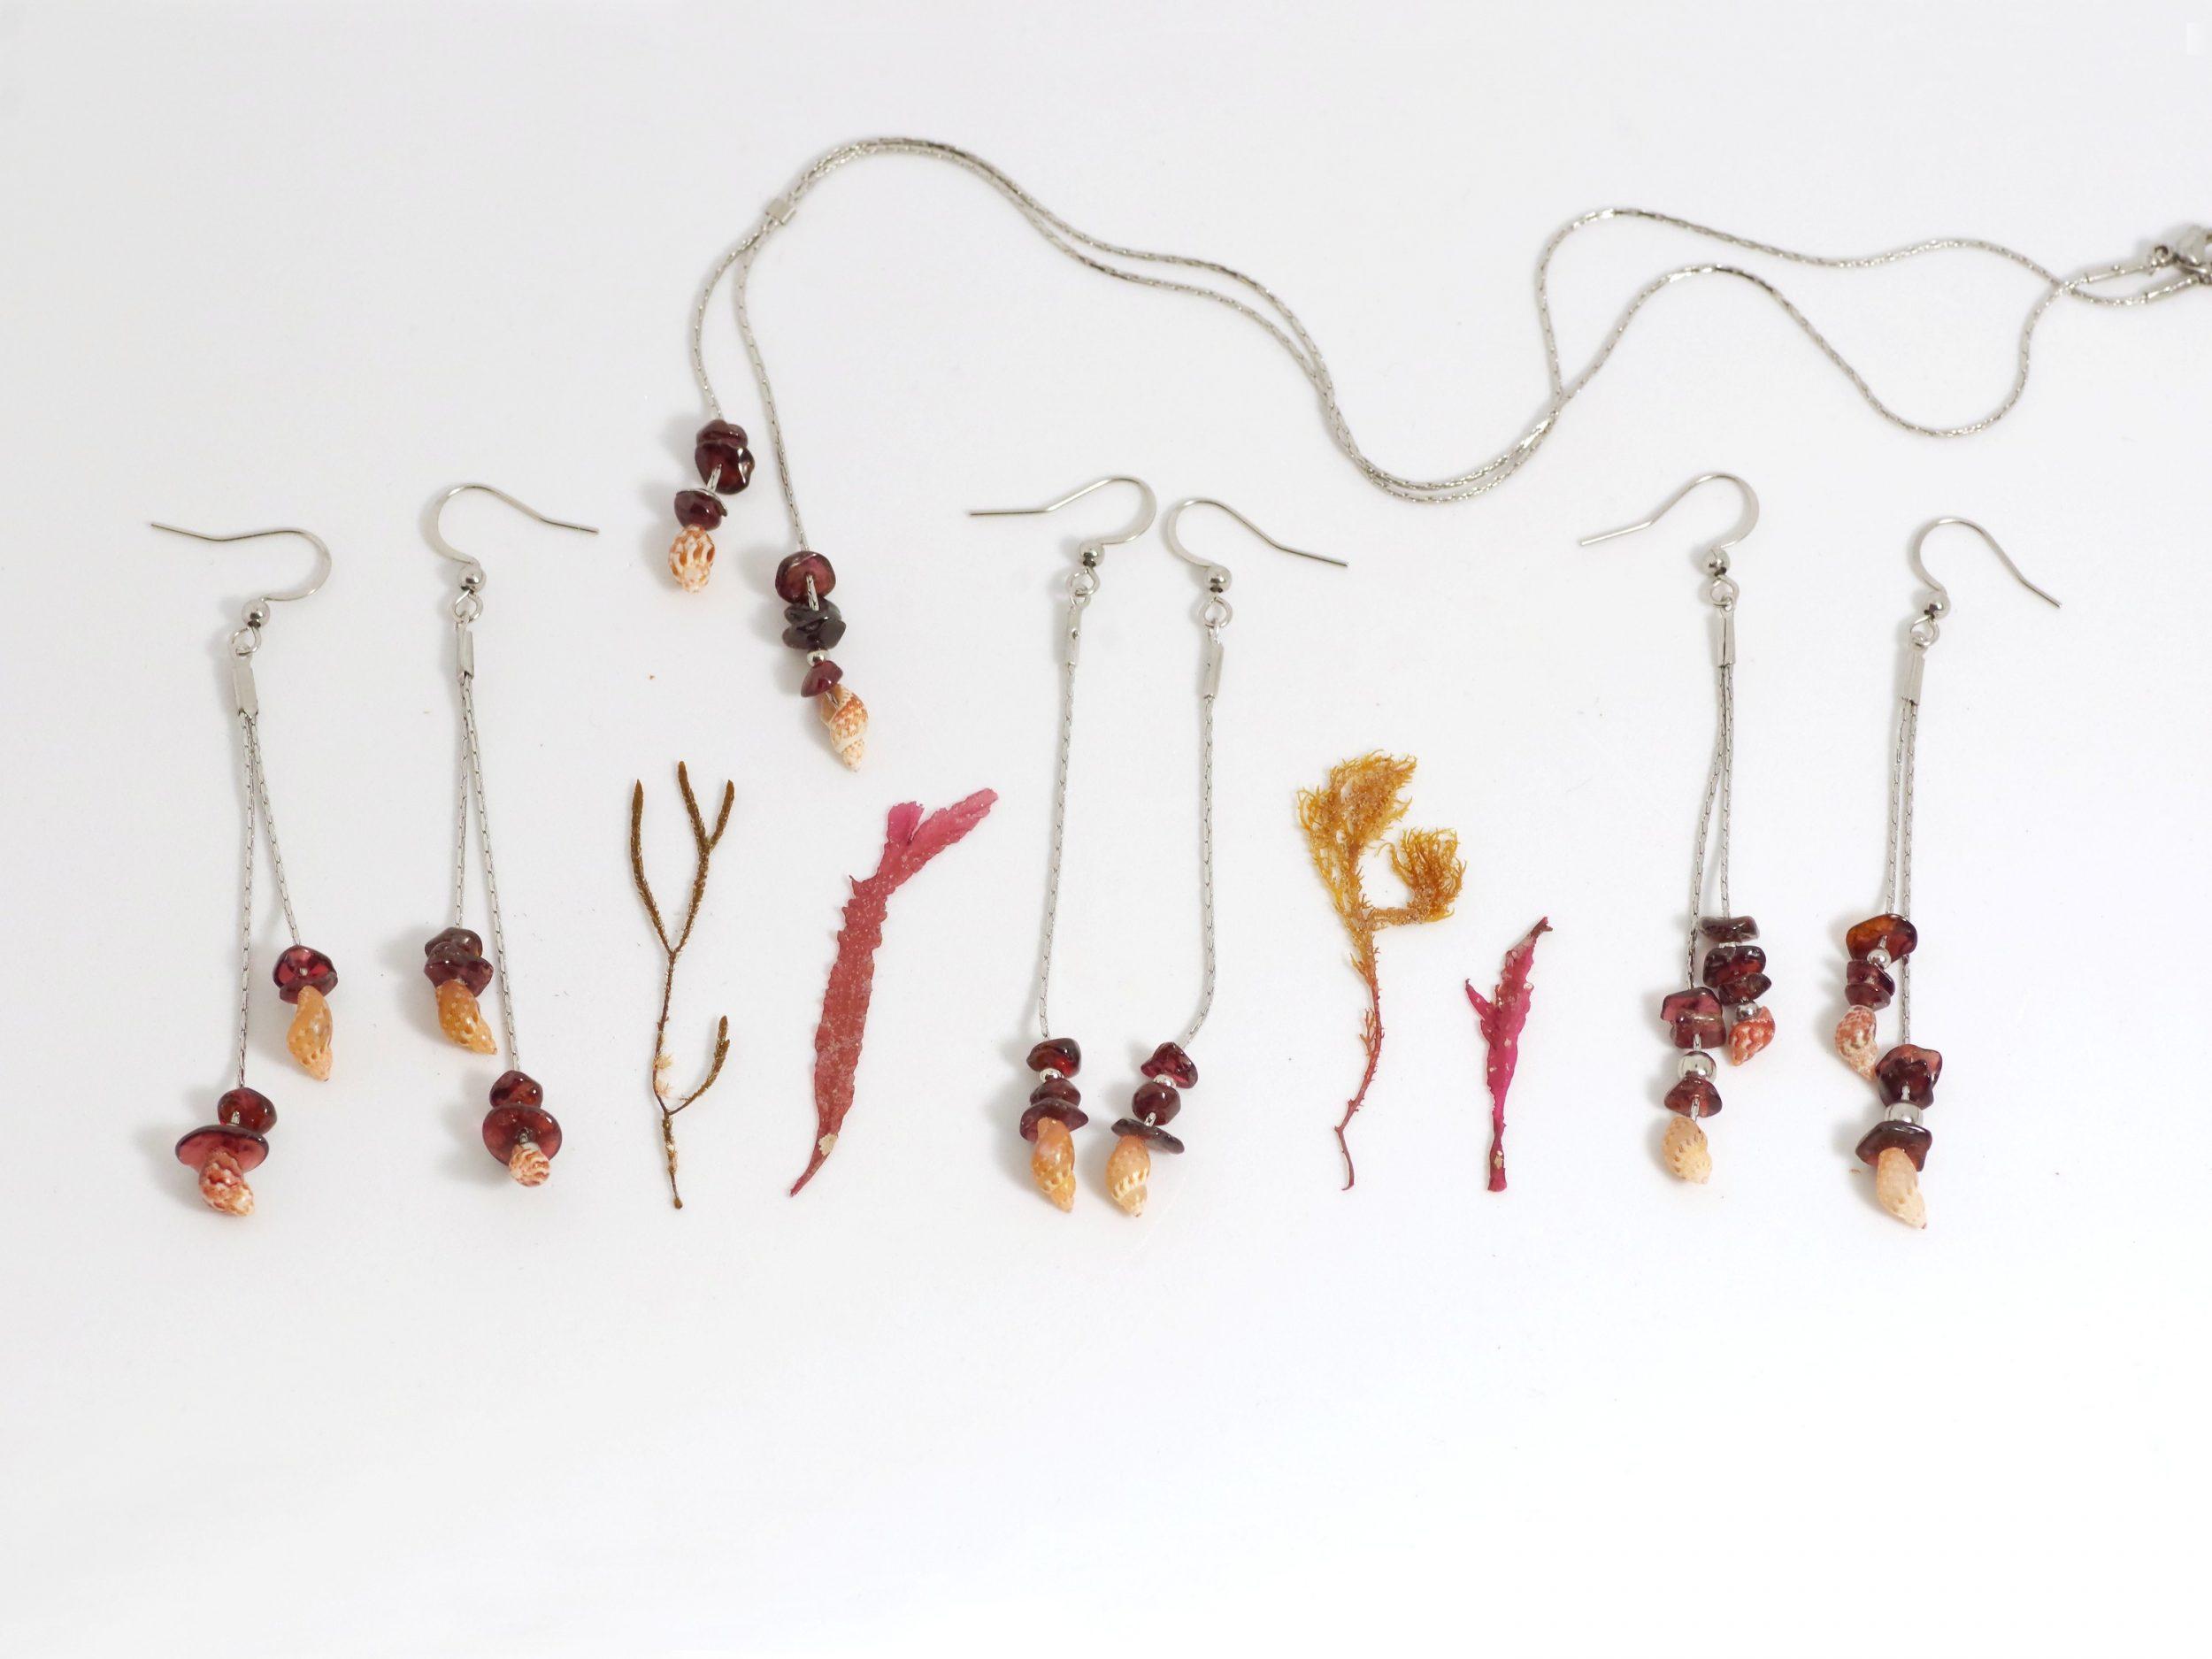 Bijoux minimalistes composés de chaînes inox et quelques coquillages et pierres gemmes, inspirés des trésors déposés par la mer sur le sable